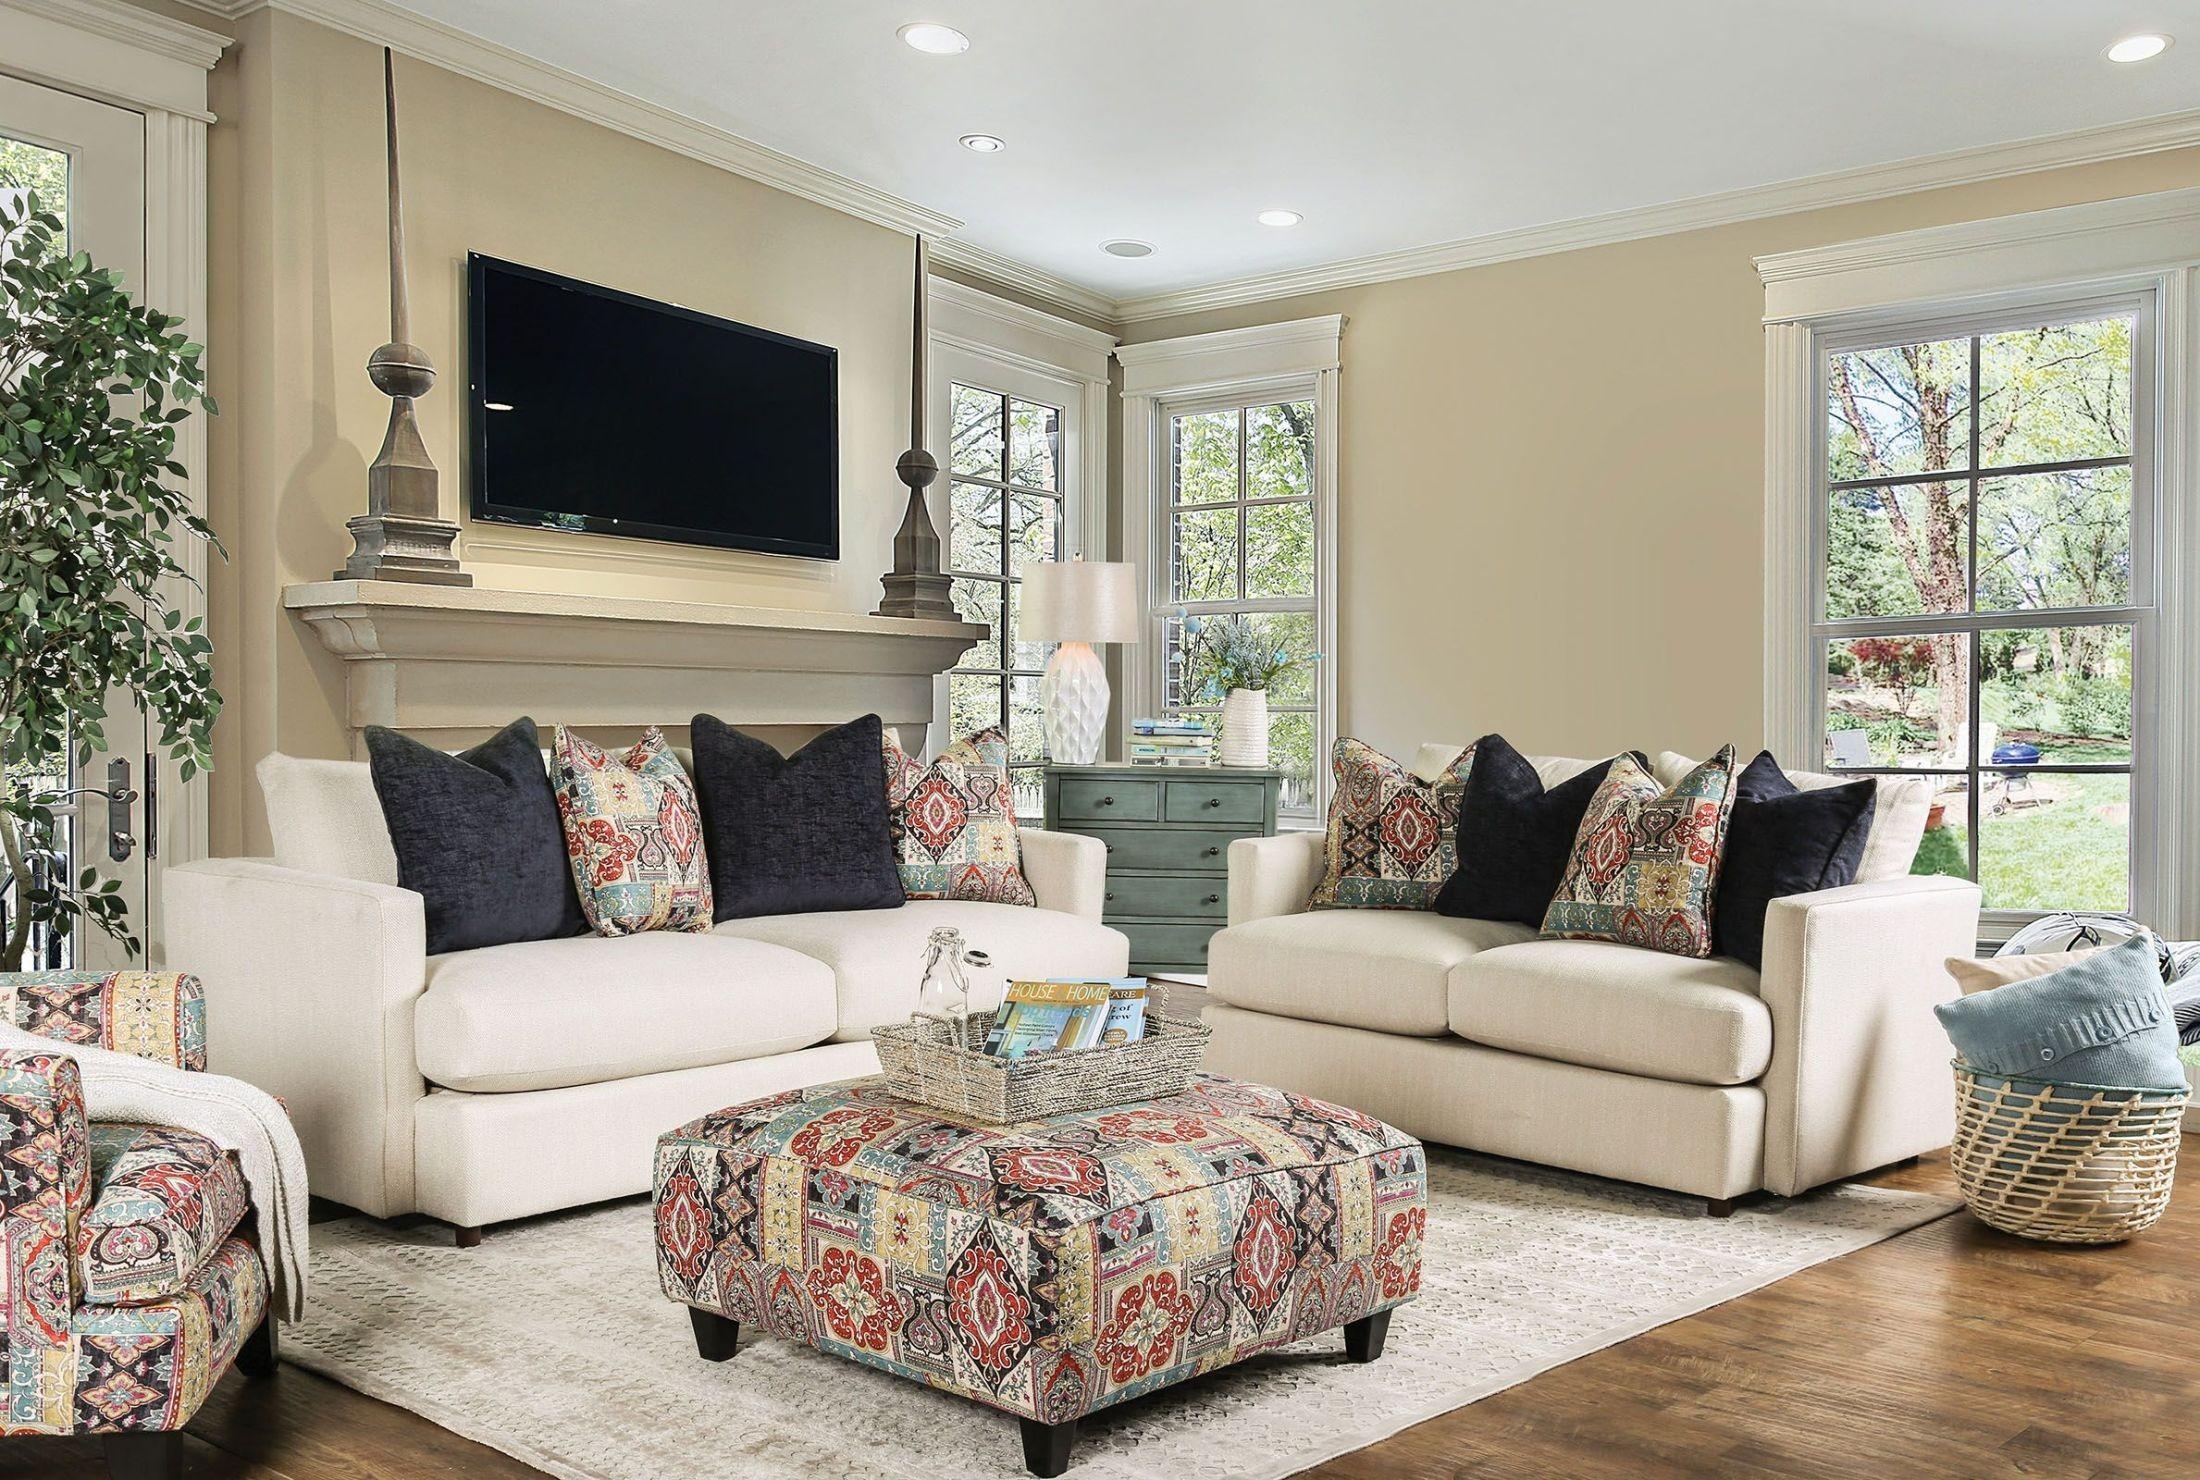 Pomfret Beige Living Room Set From Furniture Of America